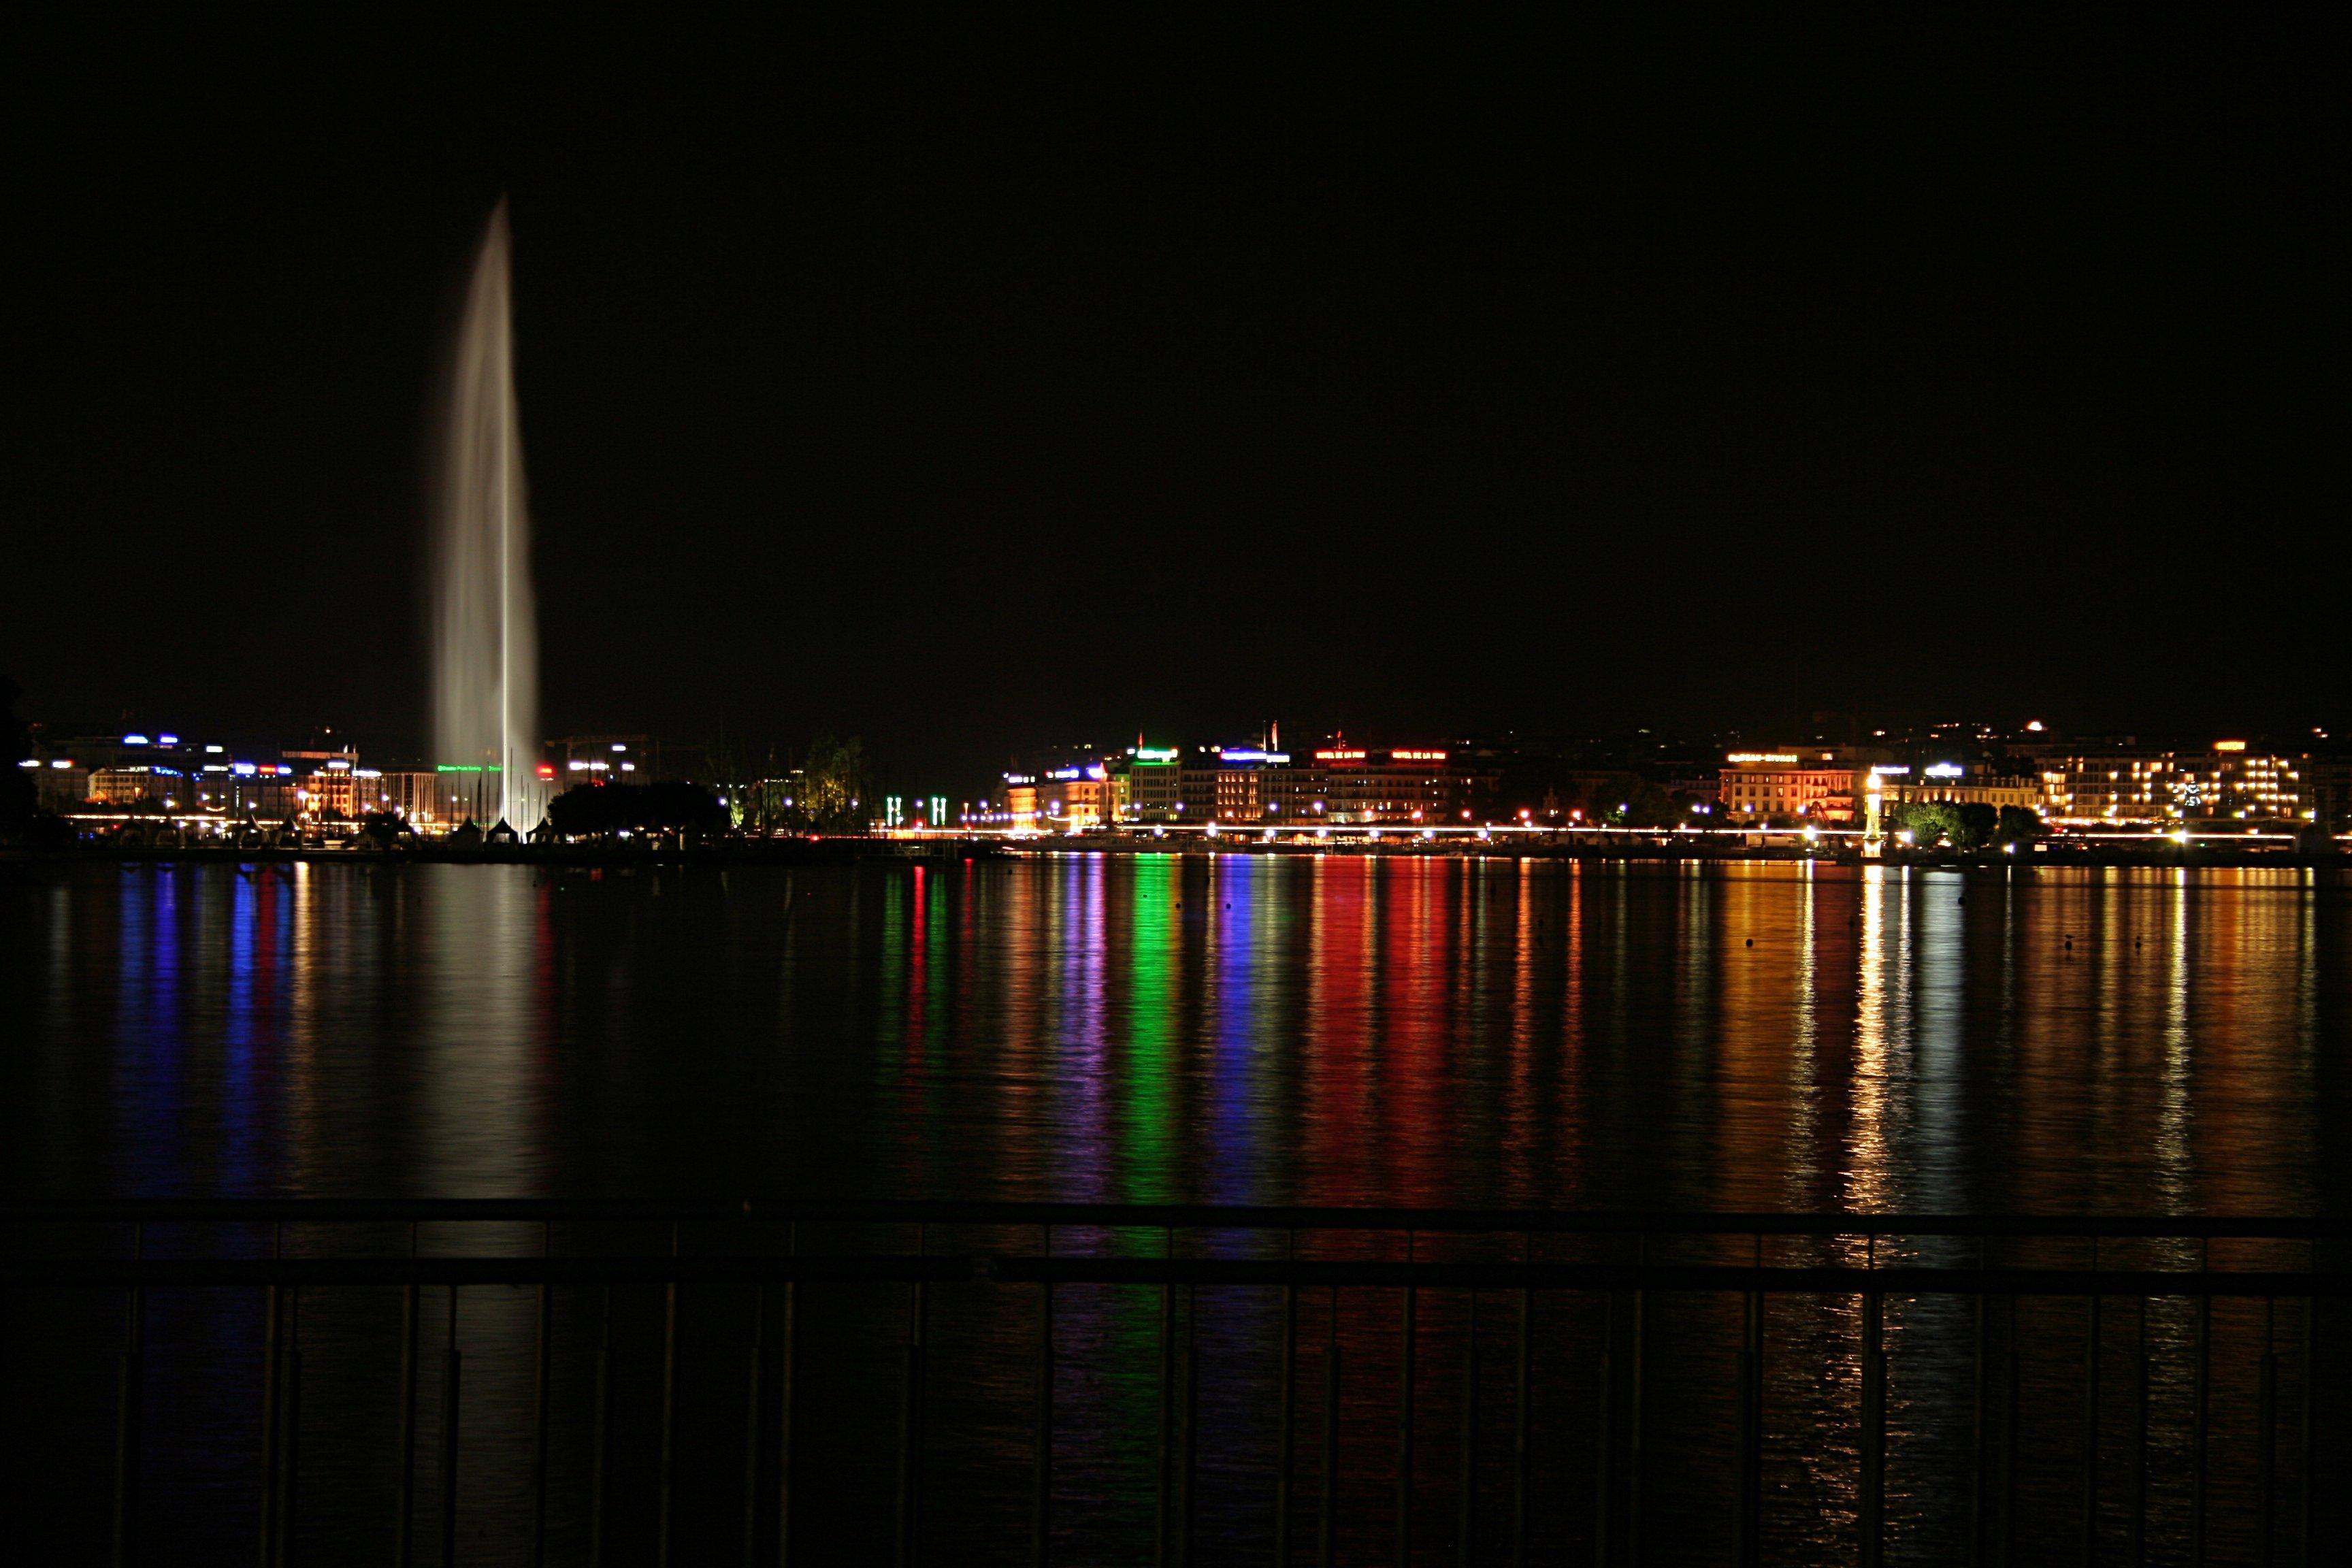 At night photo 51